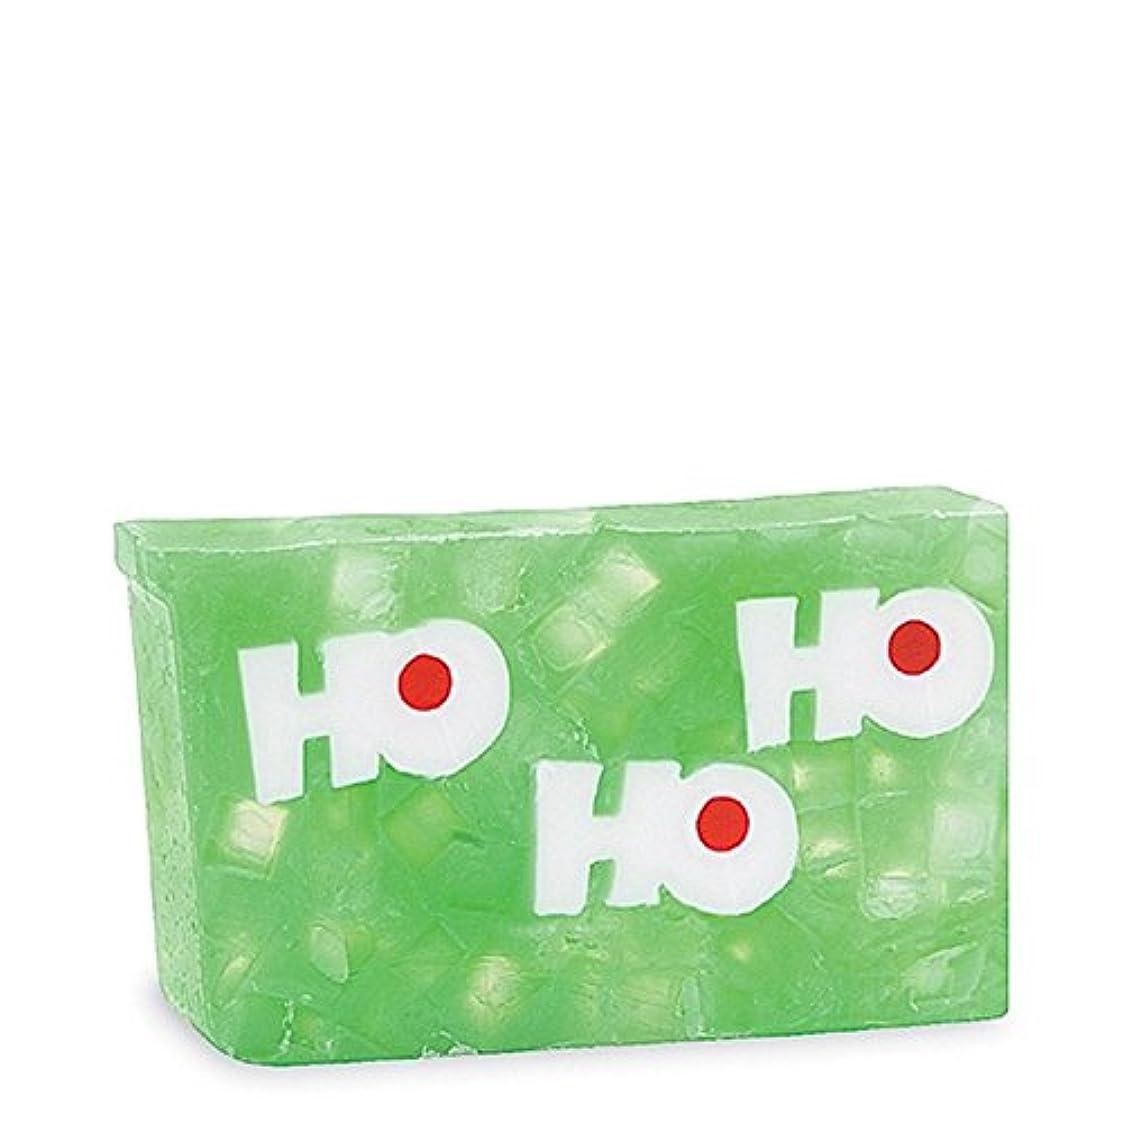 全くブロック荒らすPrimal Elements Ho Ho Ho Soap - 原初の要素ホーホーホ石鹸 [並行輸入品]